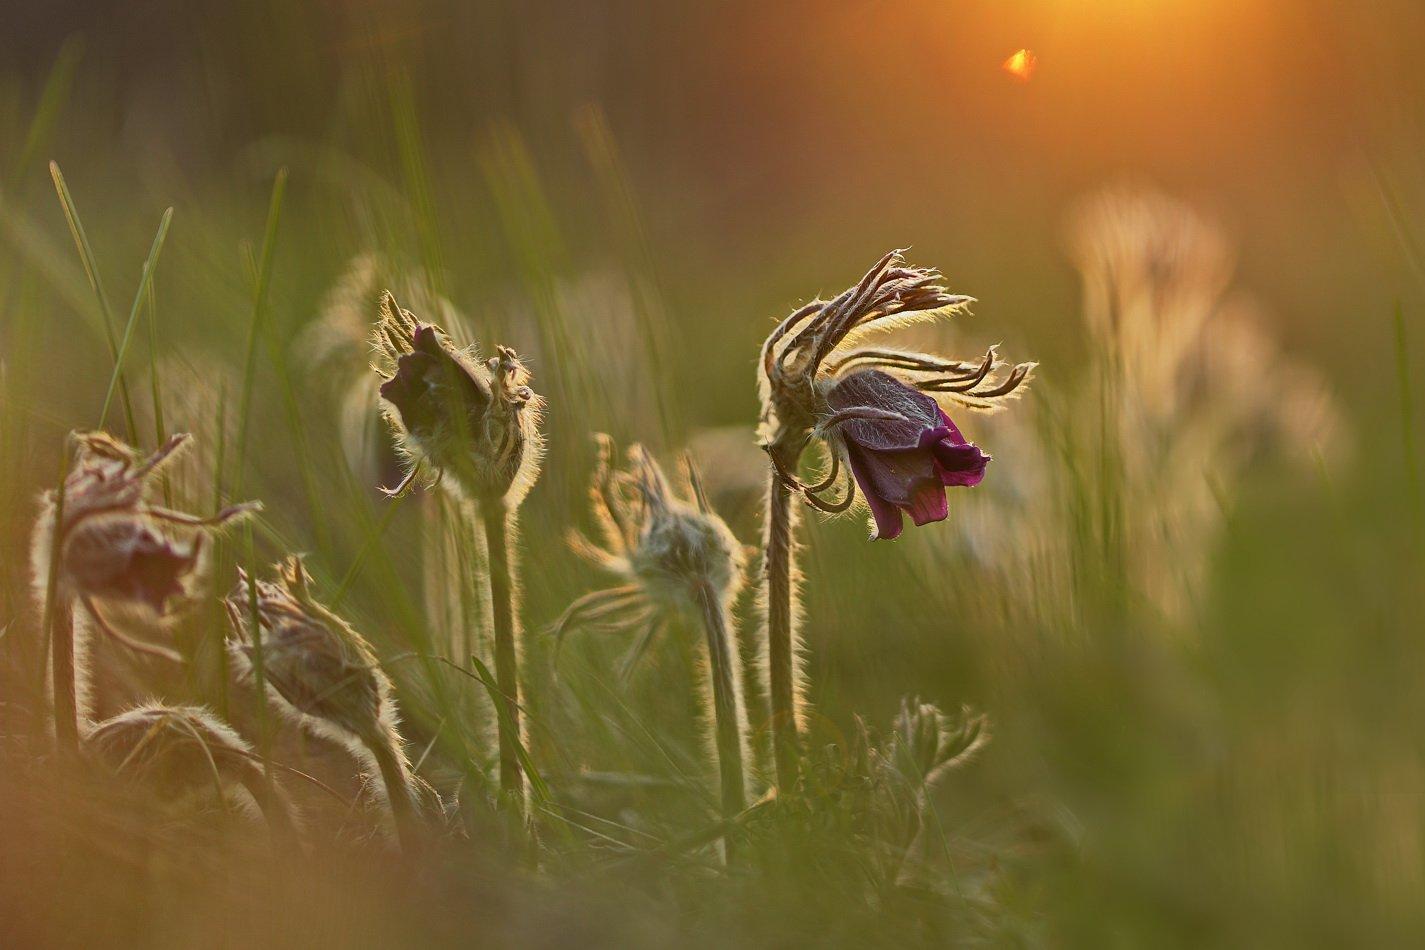 pratensis, pulsatilla, лесопарк дружбы народов, луговой, прострел, чернеющий, сон-трава, Сергій Марков